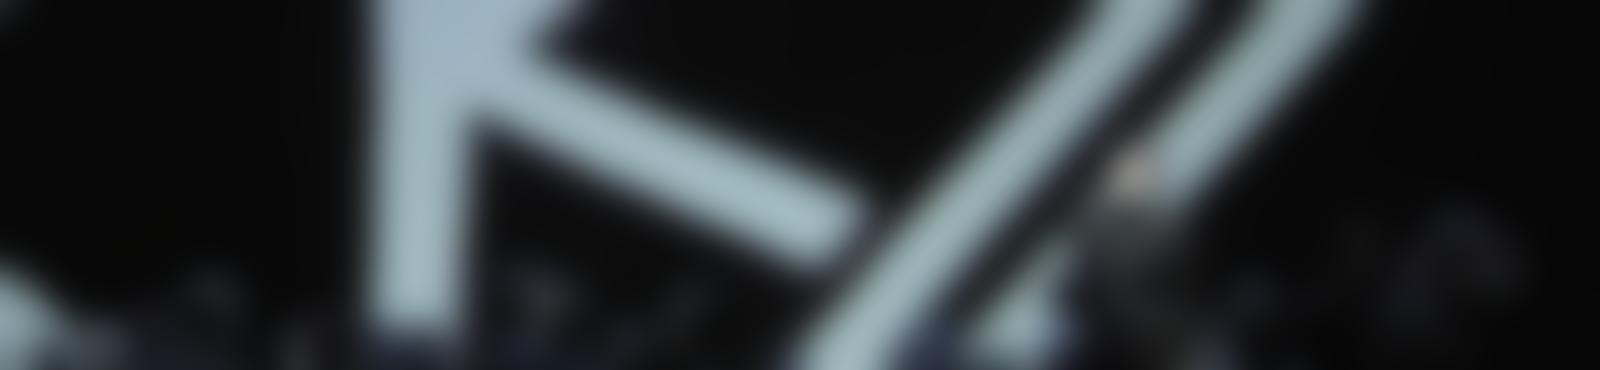 Blurred 9ec4f2ca 6aef 4d0d b84e c4aeb7c1b176